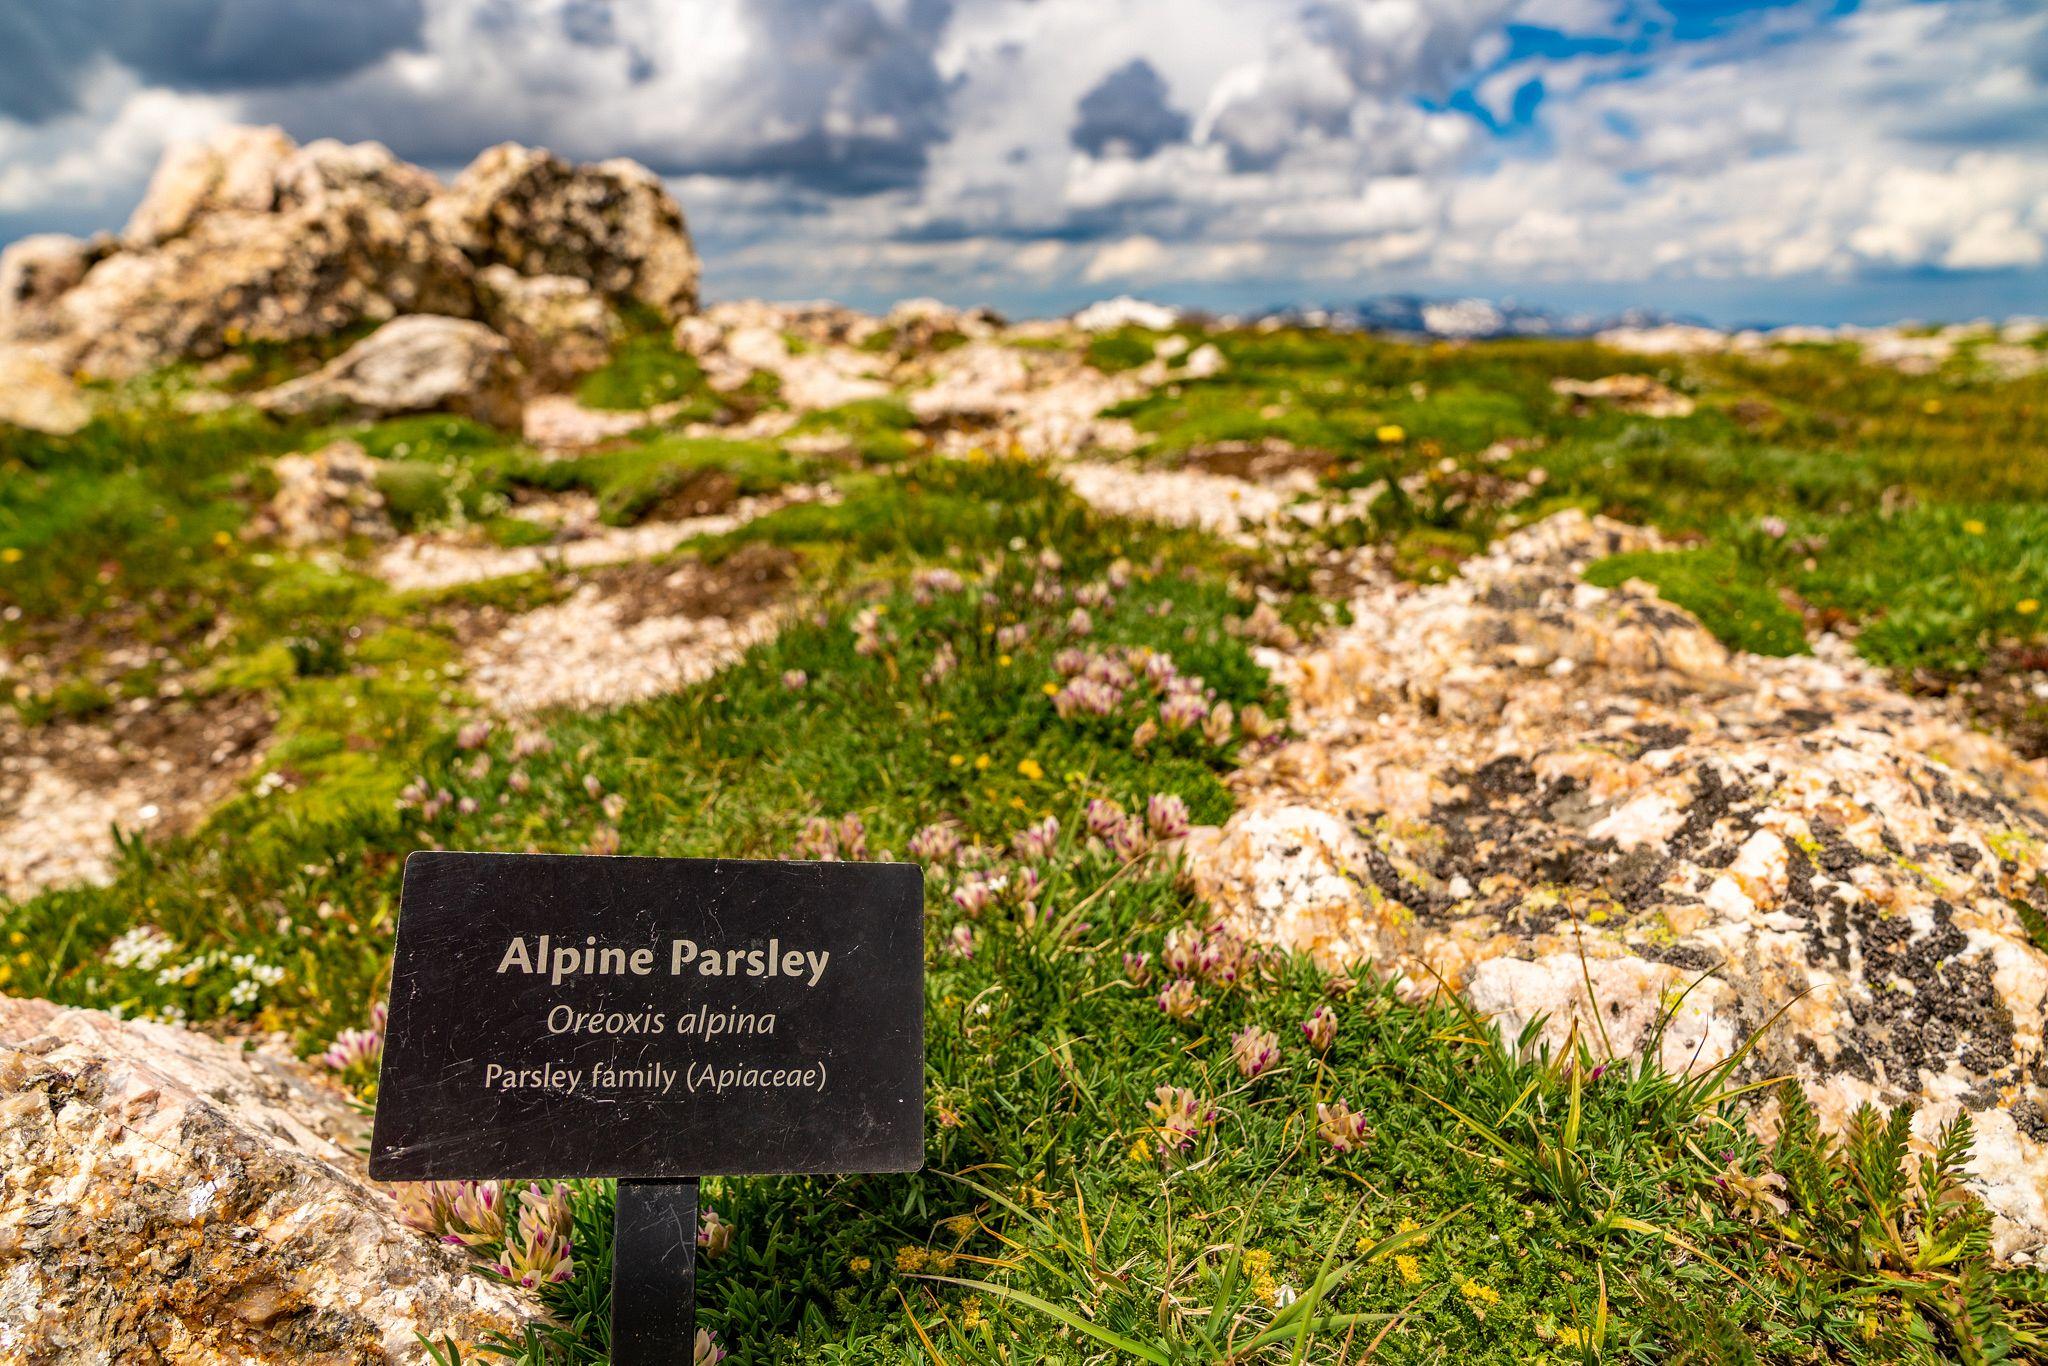 Alpine Parsley